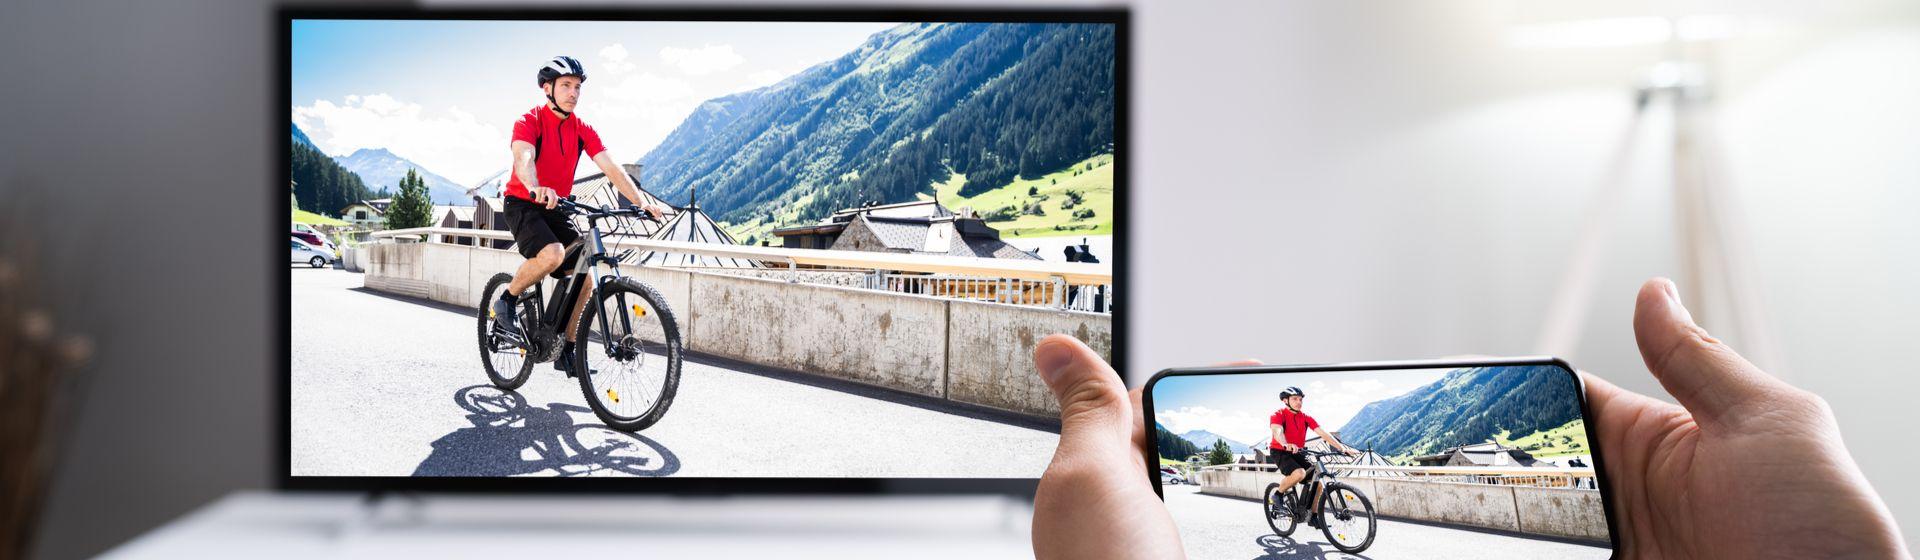 Como passar vídeo do celular para TV?